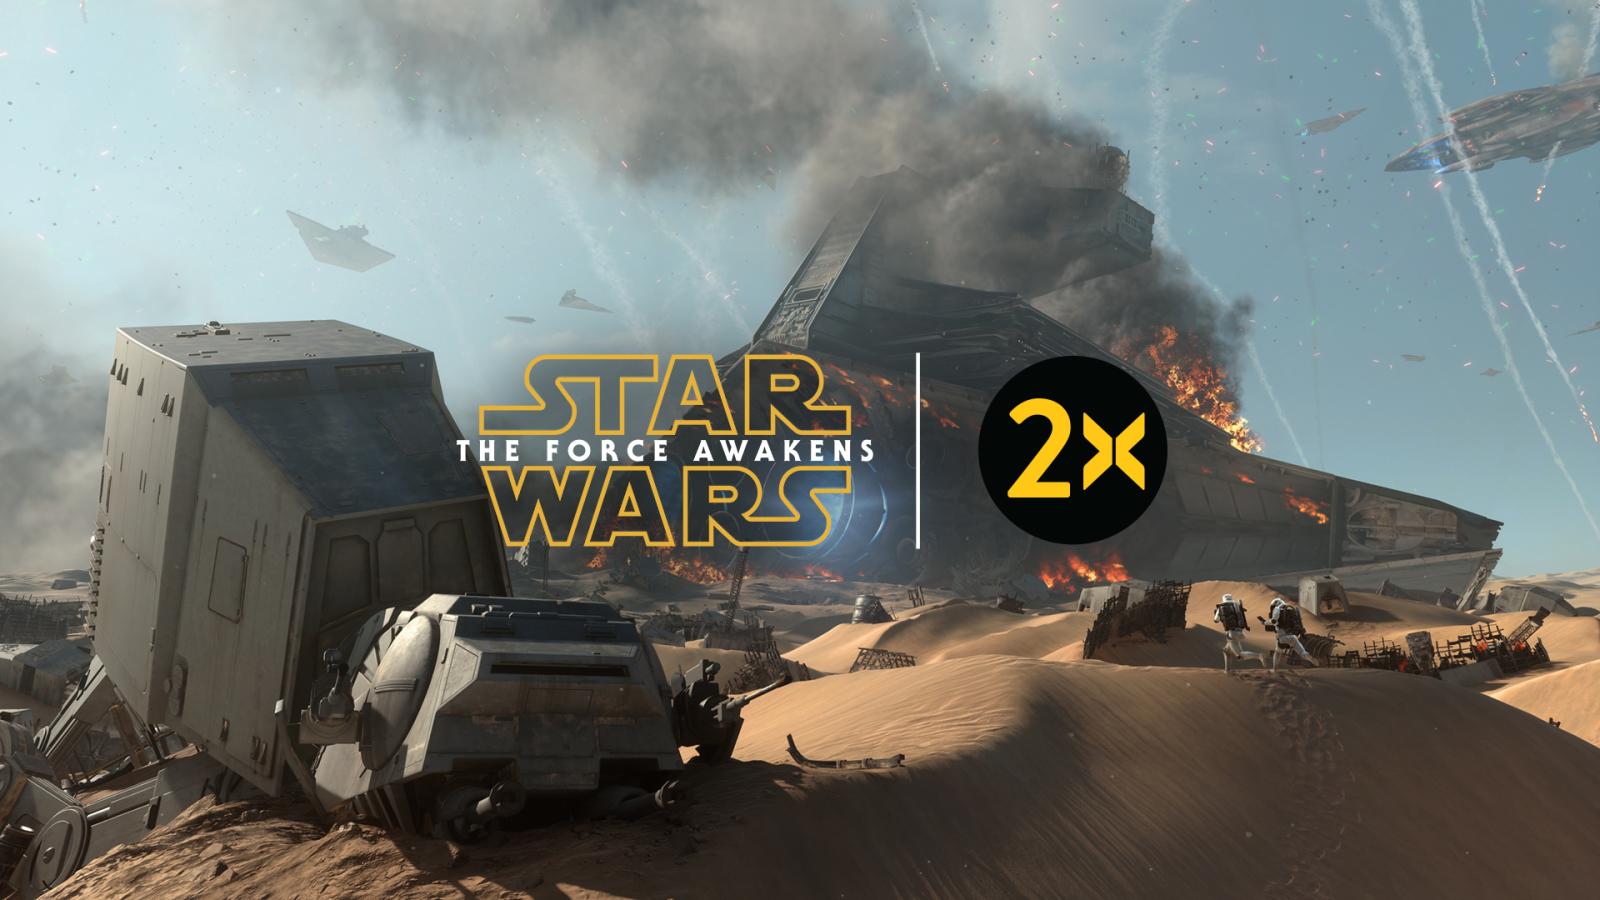 Star Wars Battlefront - Выходные двойных очков «Пробуждение Силы»